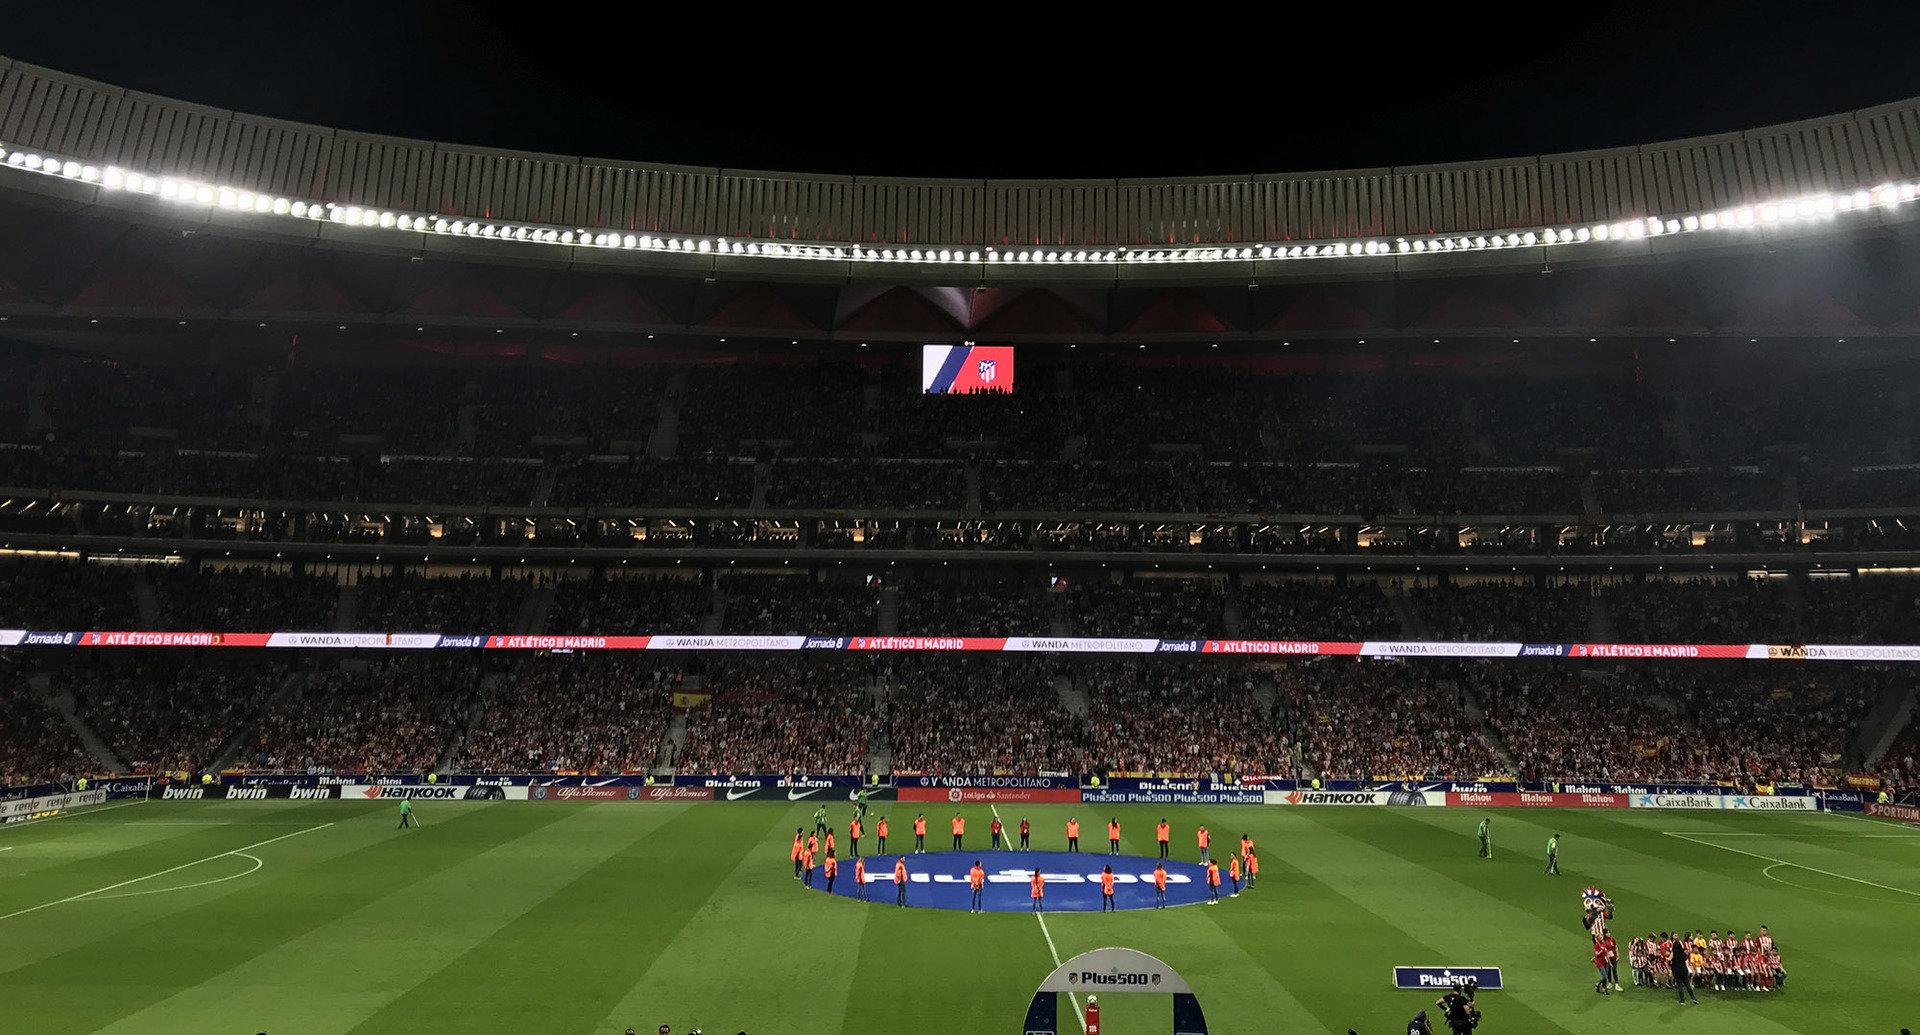 Ekrany LG rozświetlają hiszpański  stadion Wanda Metropolitano